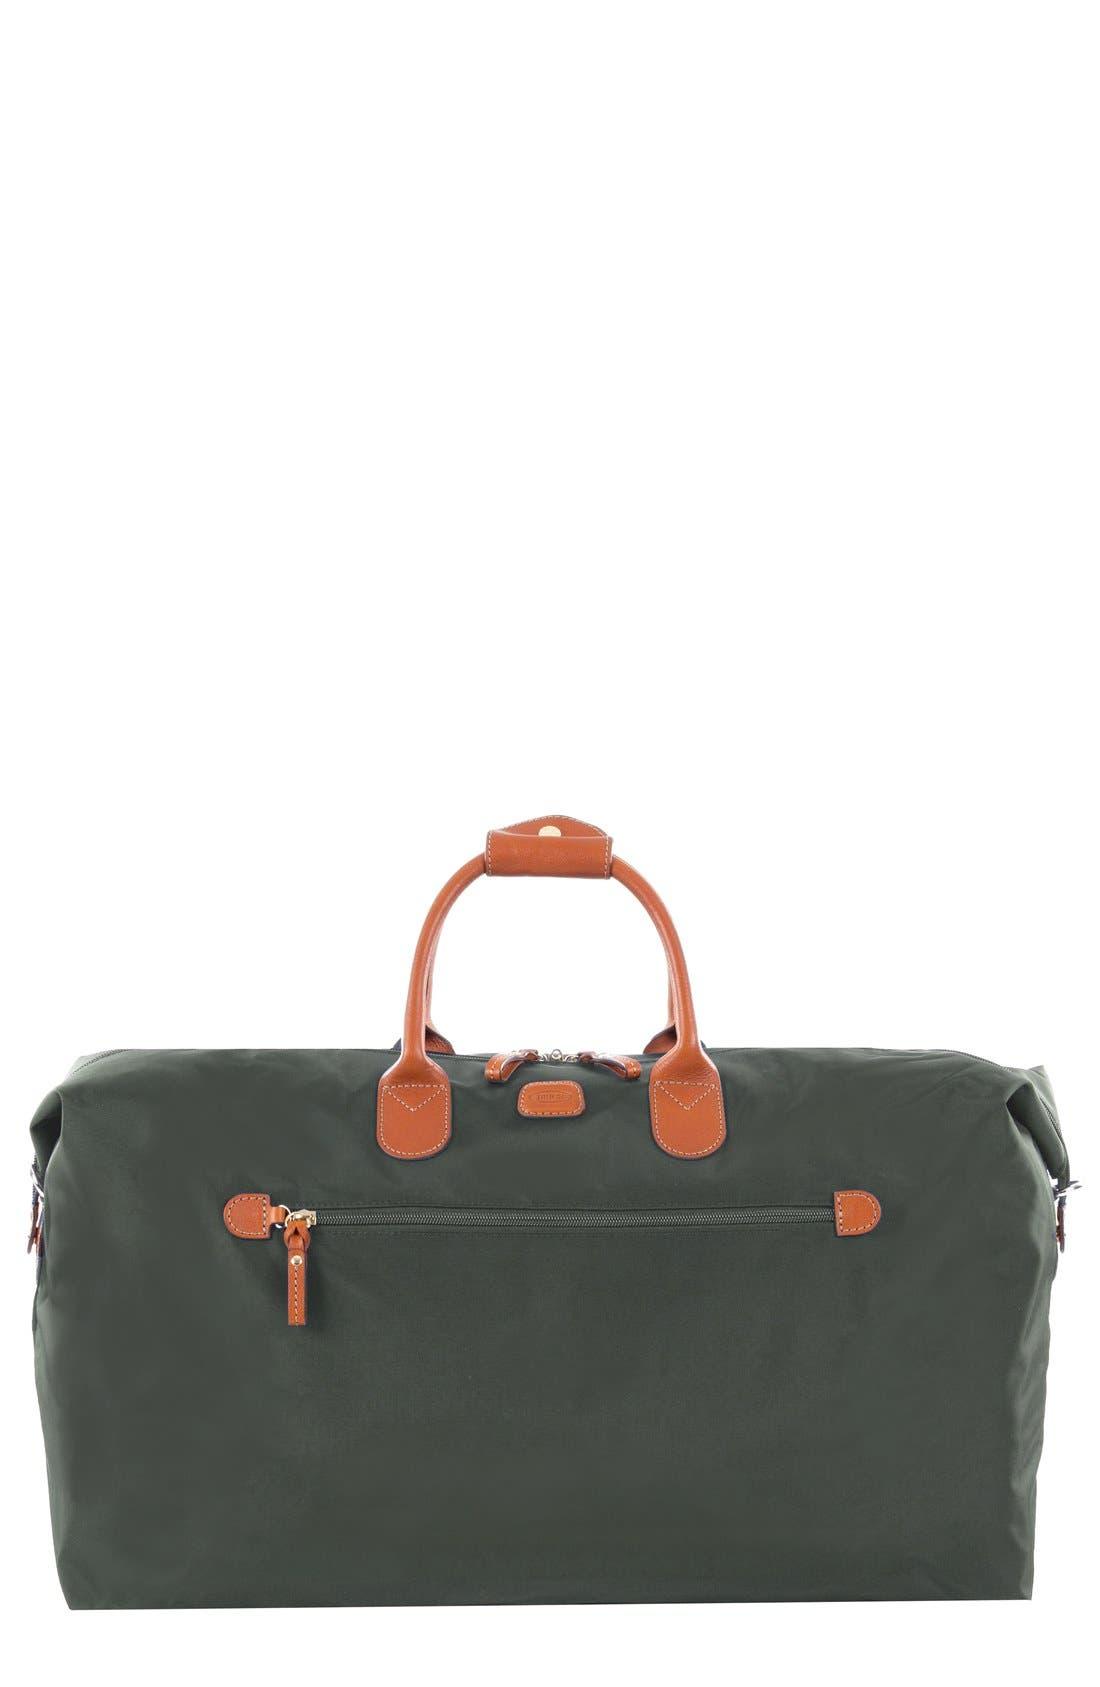 'X-Bag Deluxe' Duffel Bag,                             Main thumbnail 1, color,